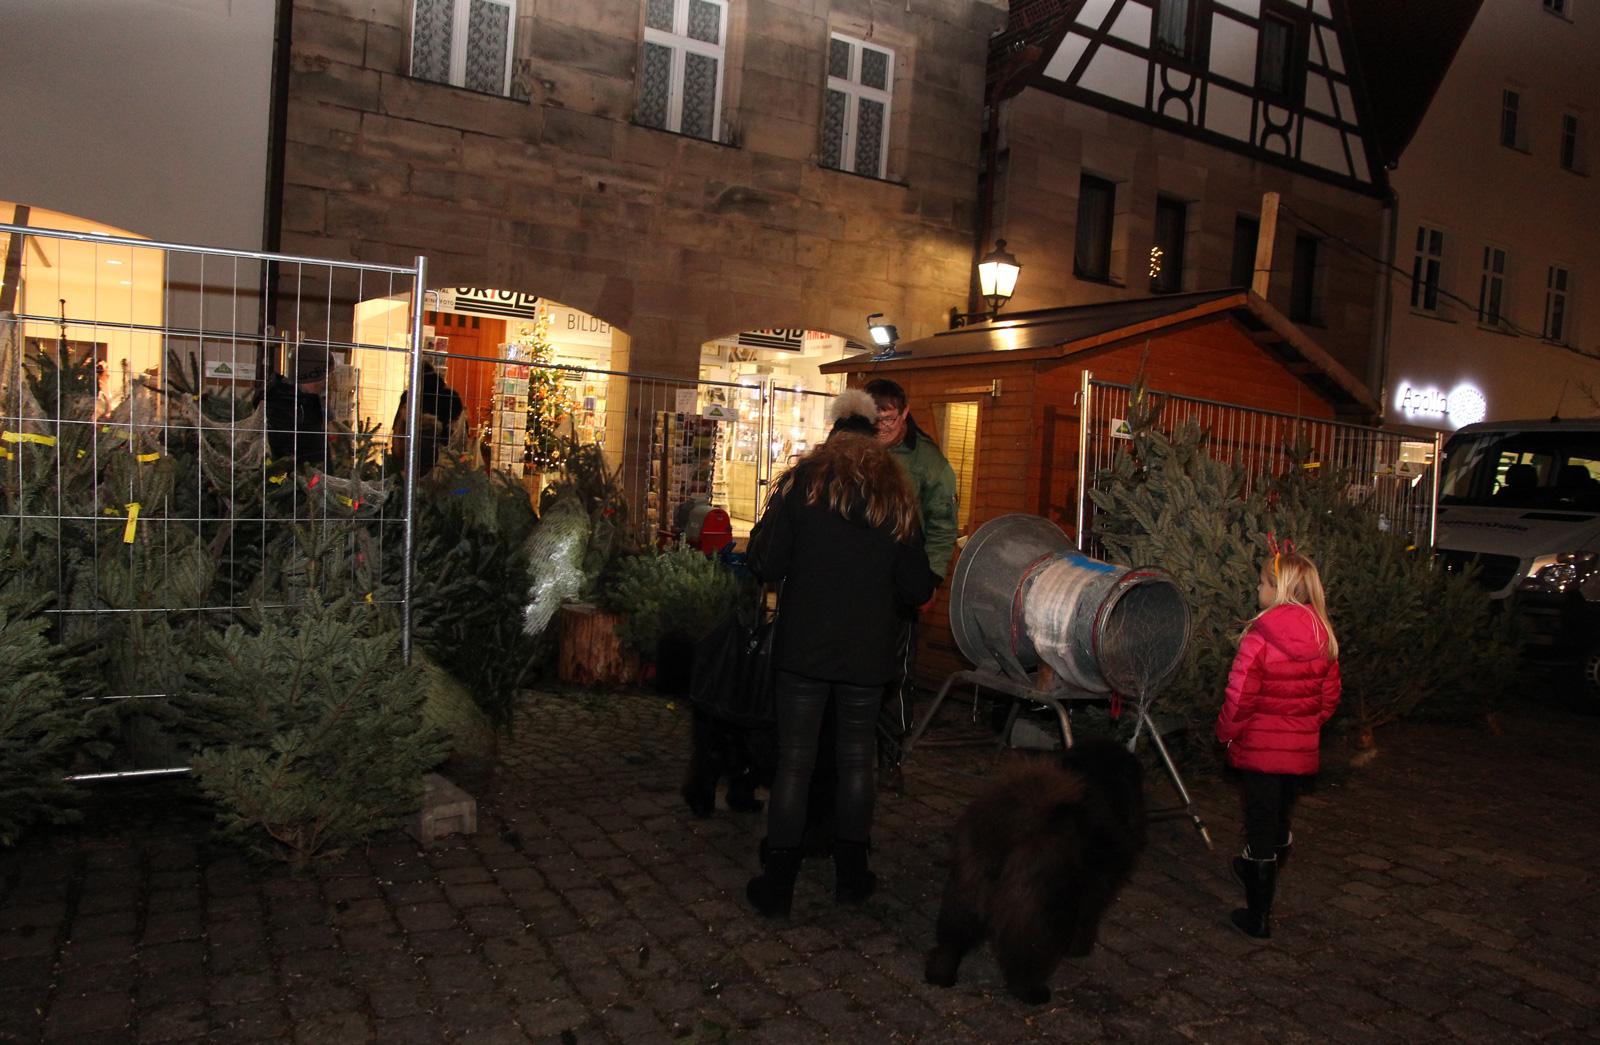 Inklusives Team mit German Zeltner und Johannes Schuster. Der Weihnachtsbaumstand der Moritzberg-Werkstätten am Laufer Weihnachtsmarkt hat Tradition.